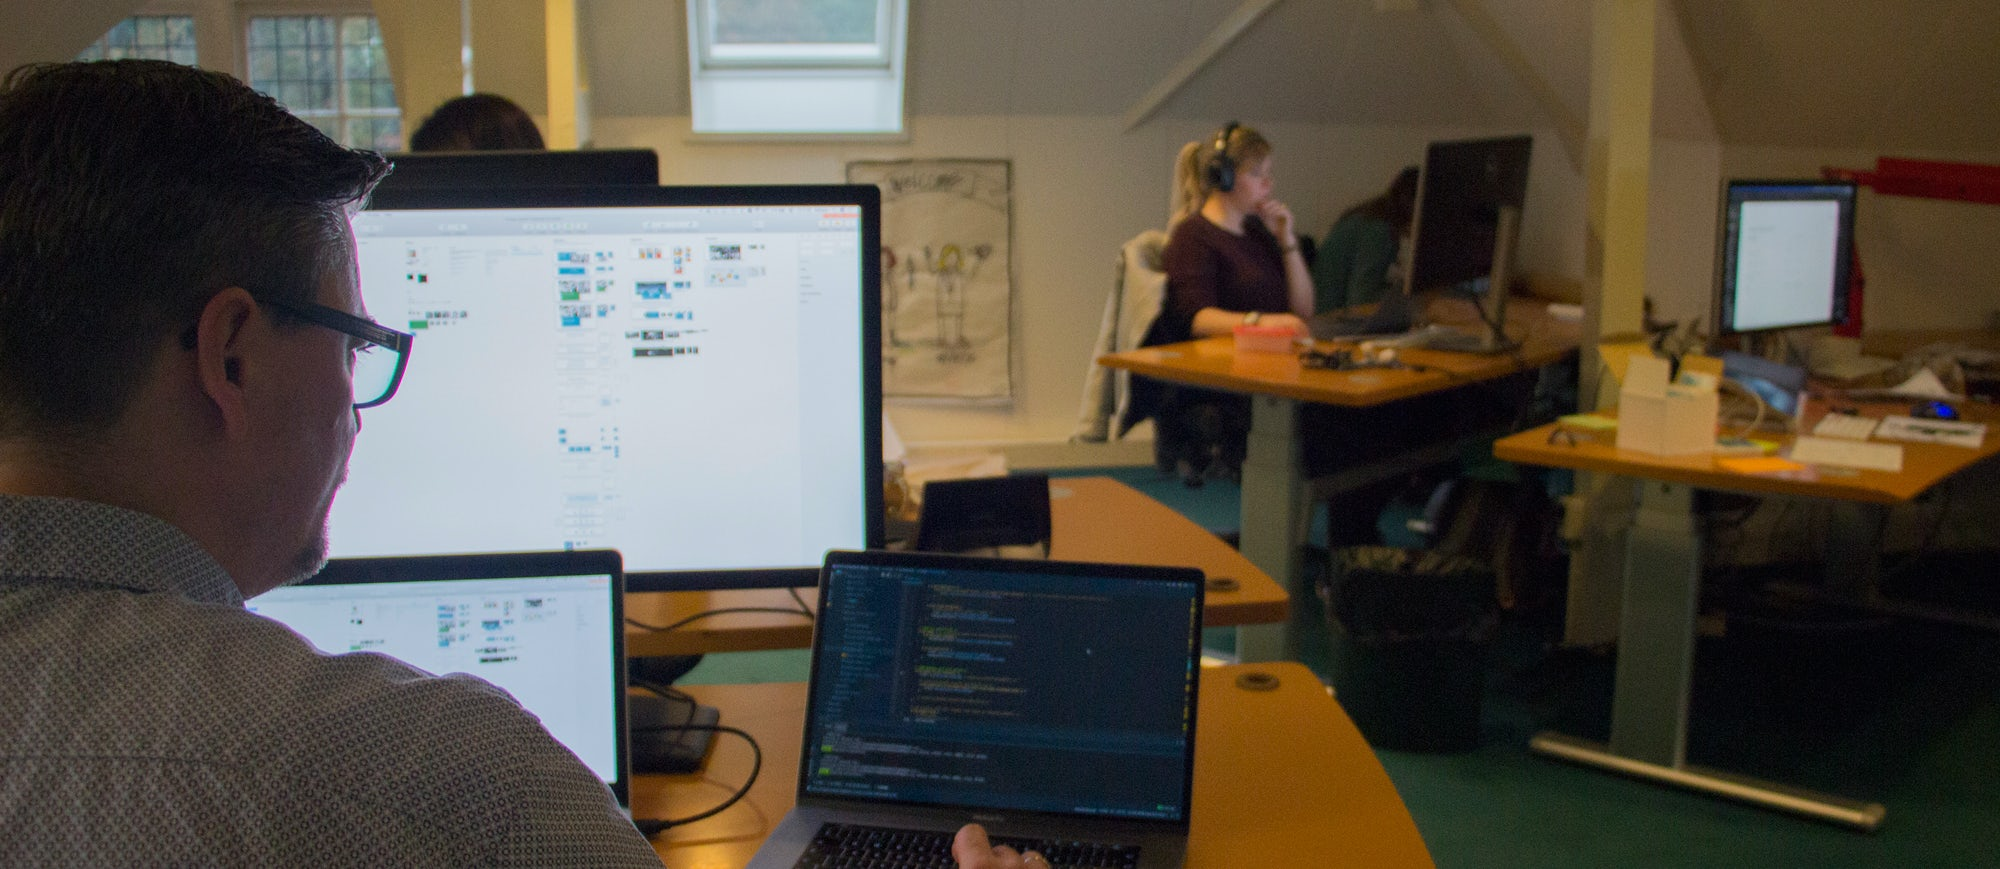 Een man achter drie beeldschermen in een kantoor-omgeving